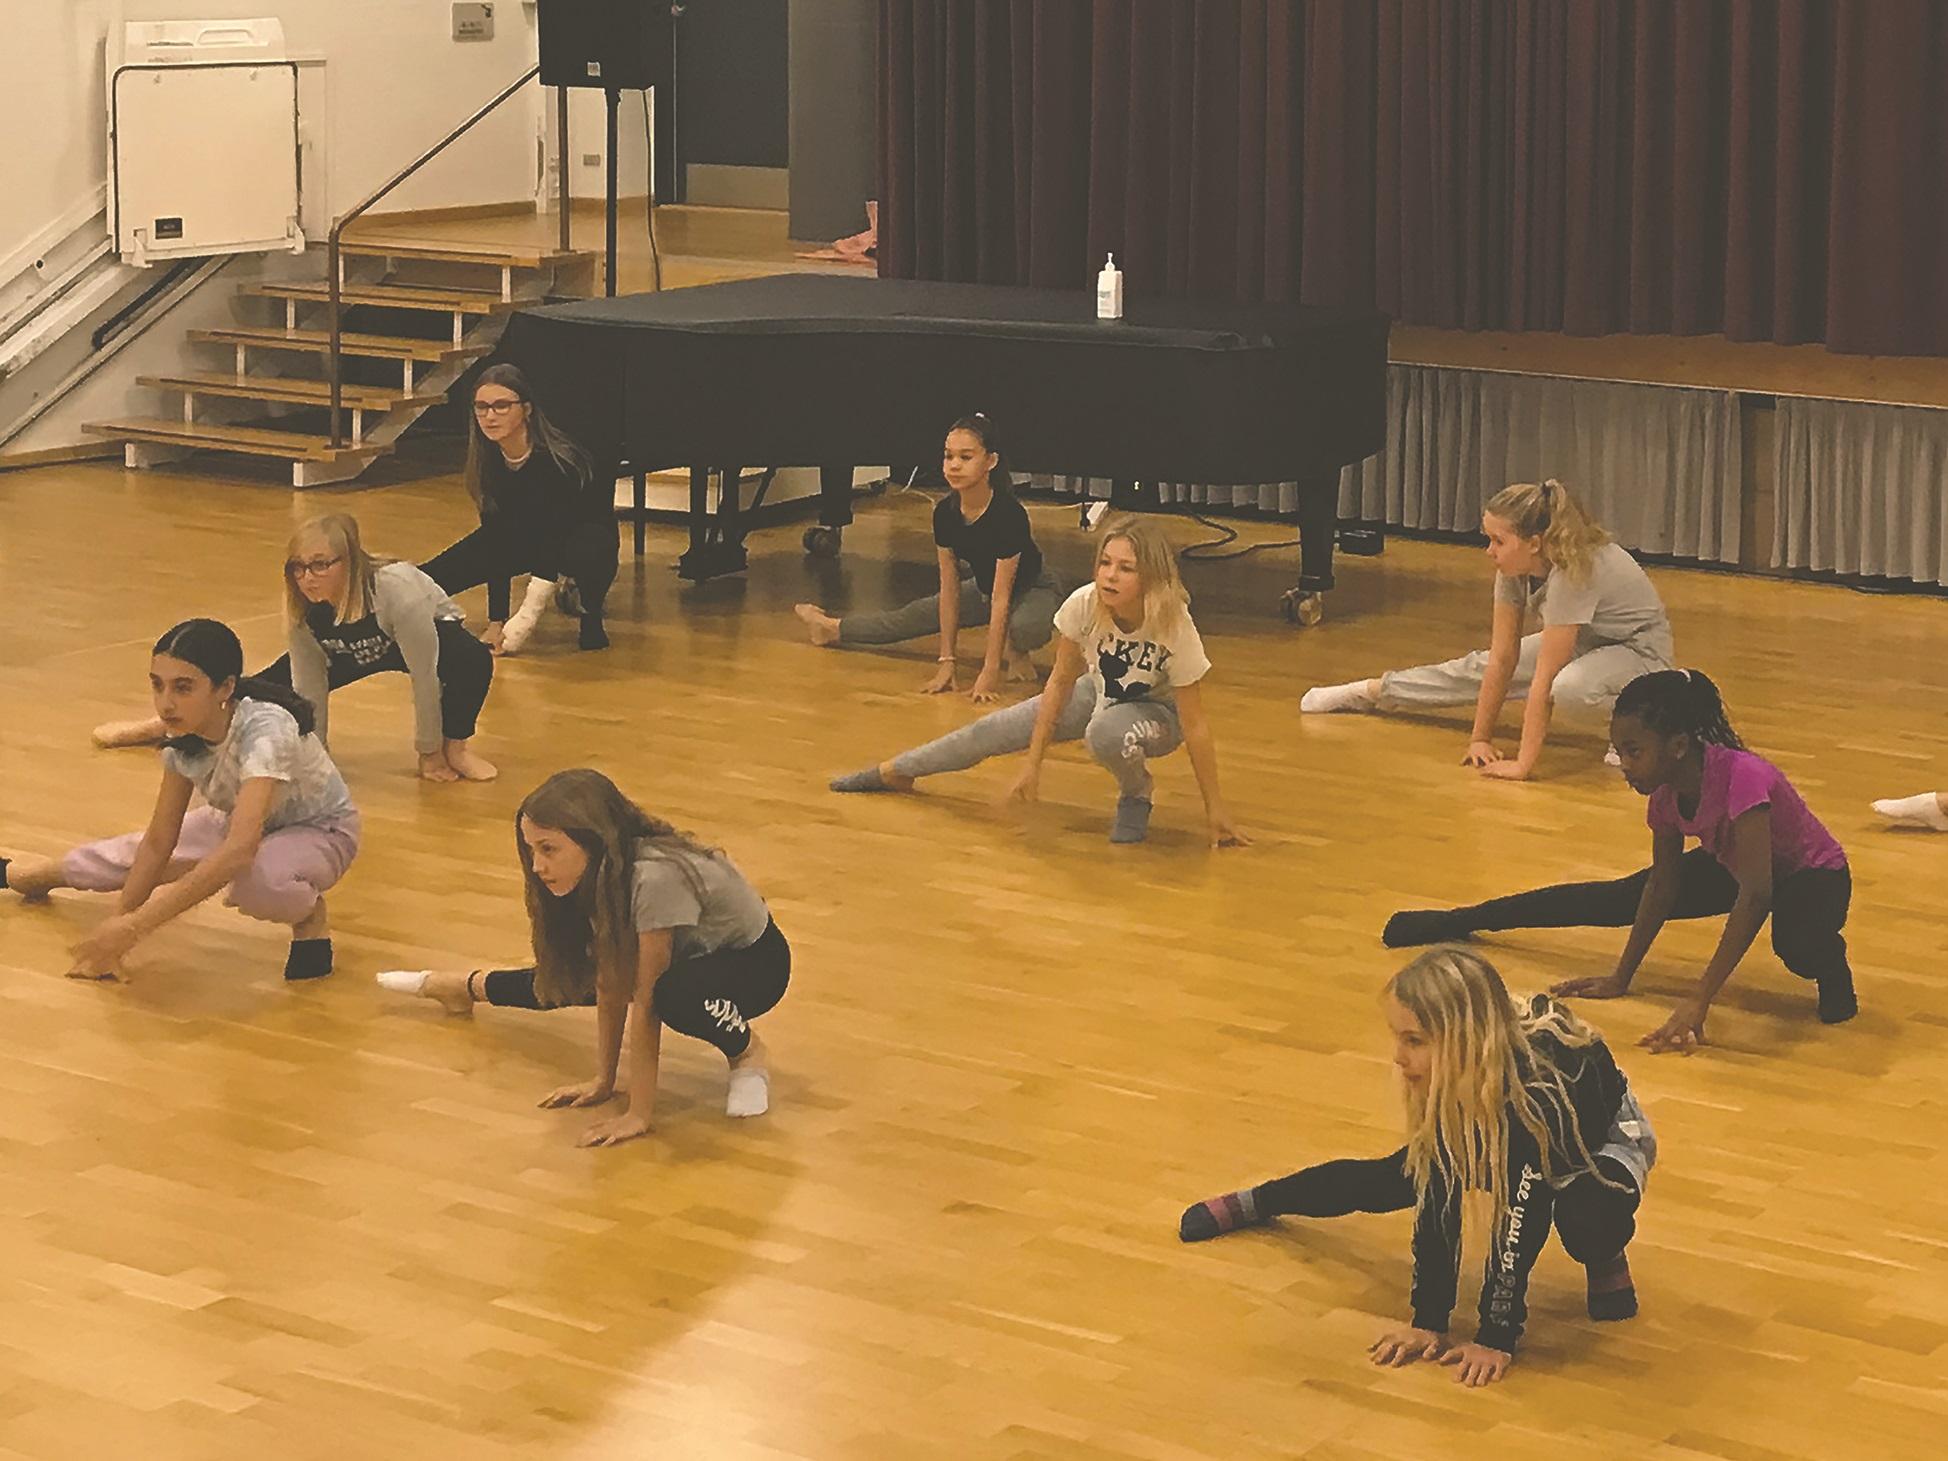 Billede fra danseworkshop